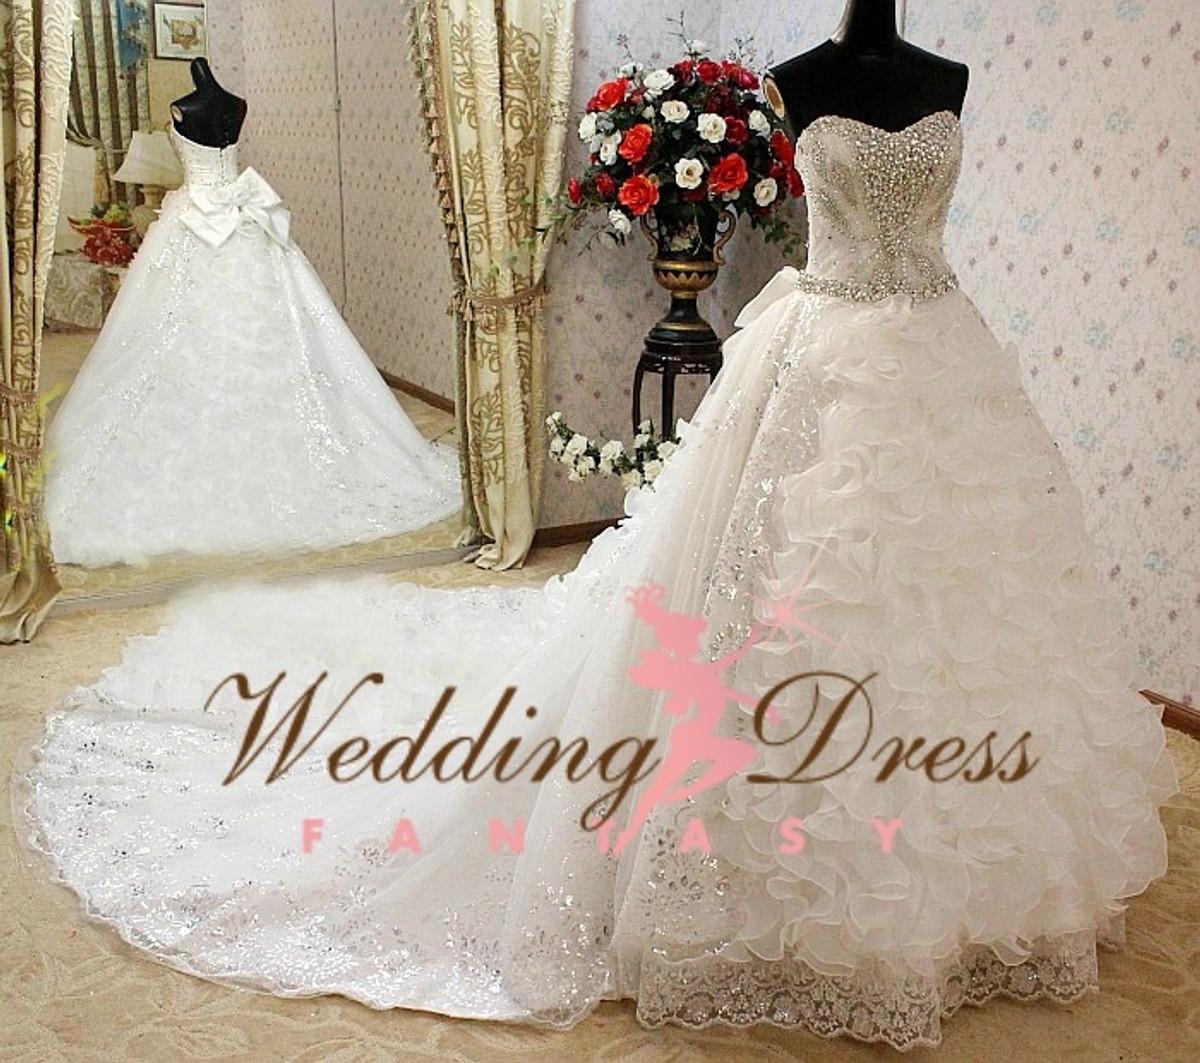 Gypsy Wedding Dress 11